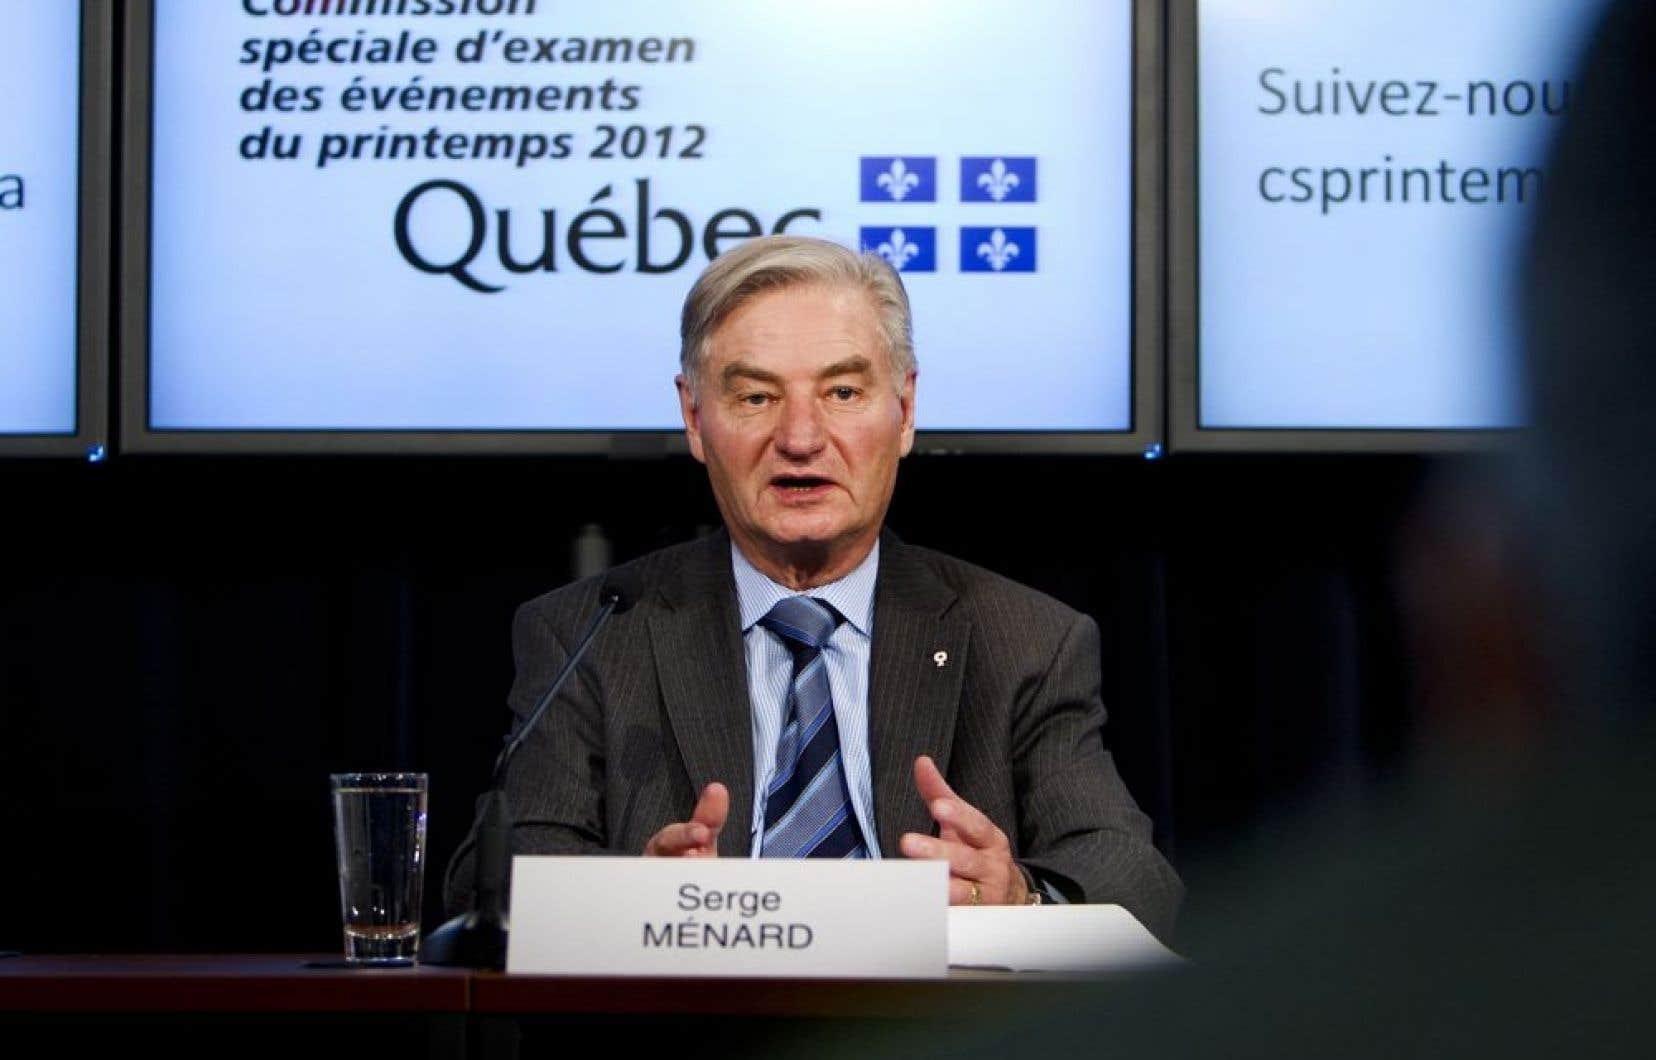 Le président de la commission, Serge Ménard